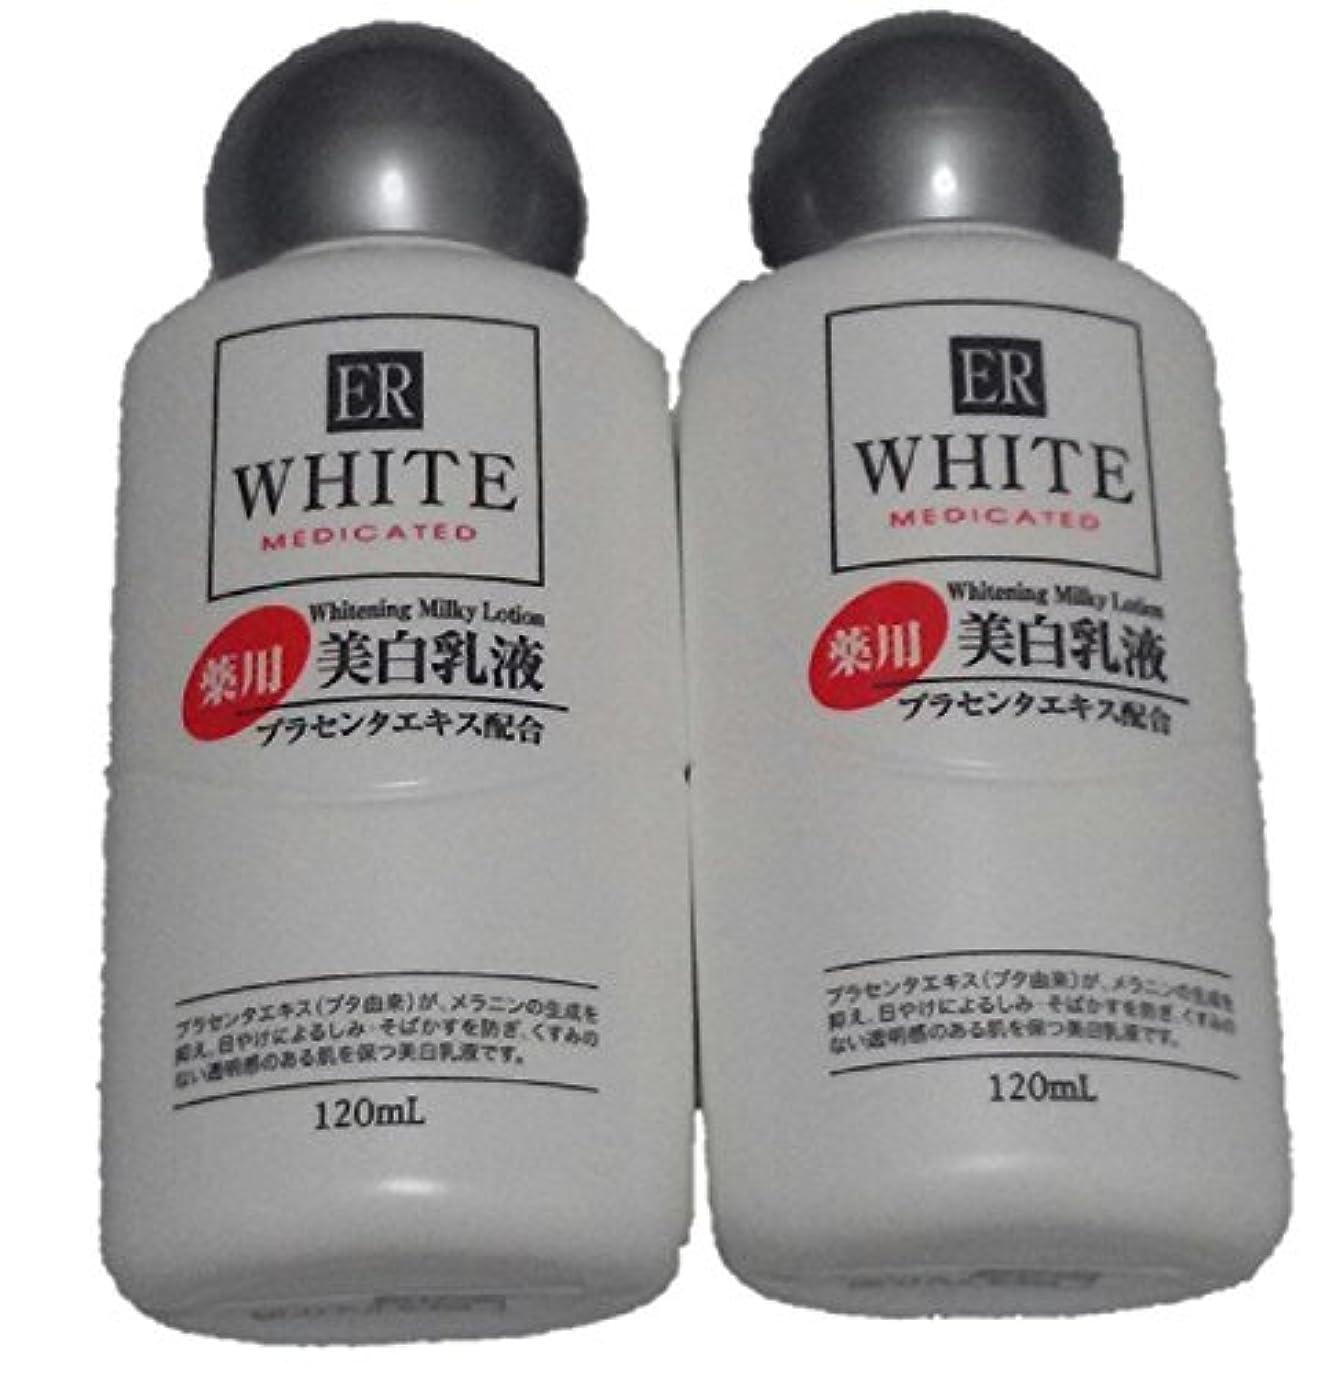 興味細菌イディオム【2本セット】コスモホワイトニングミルク 120ml